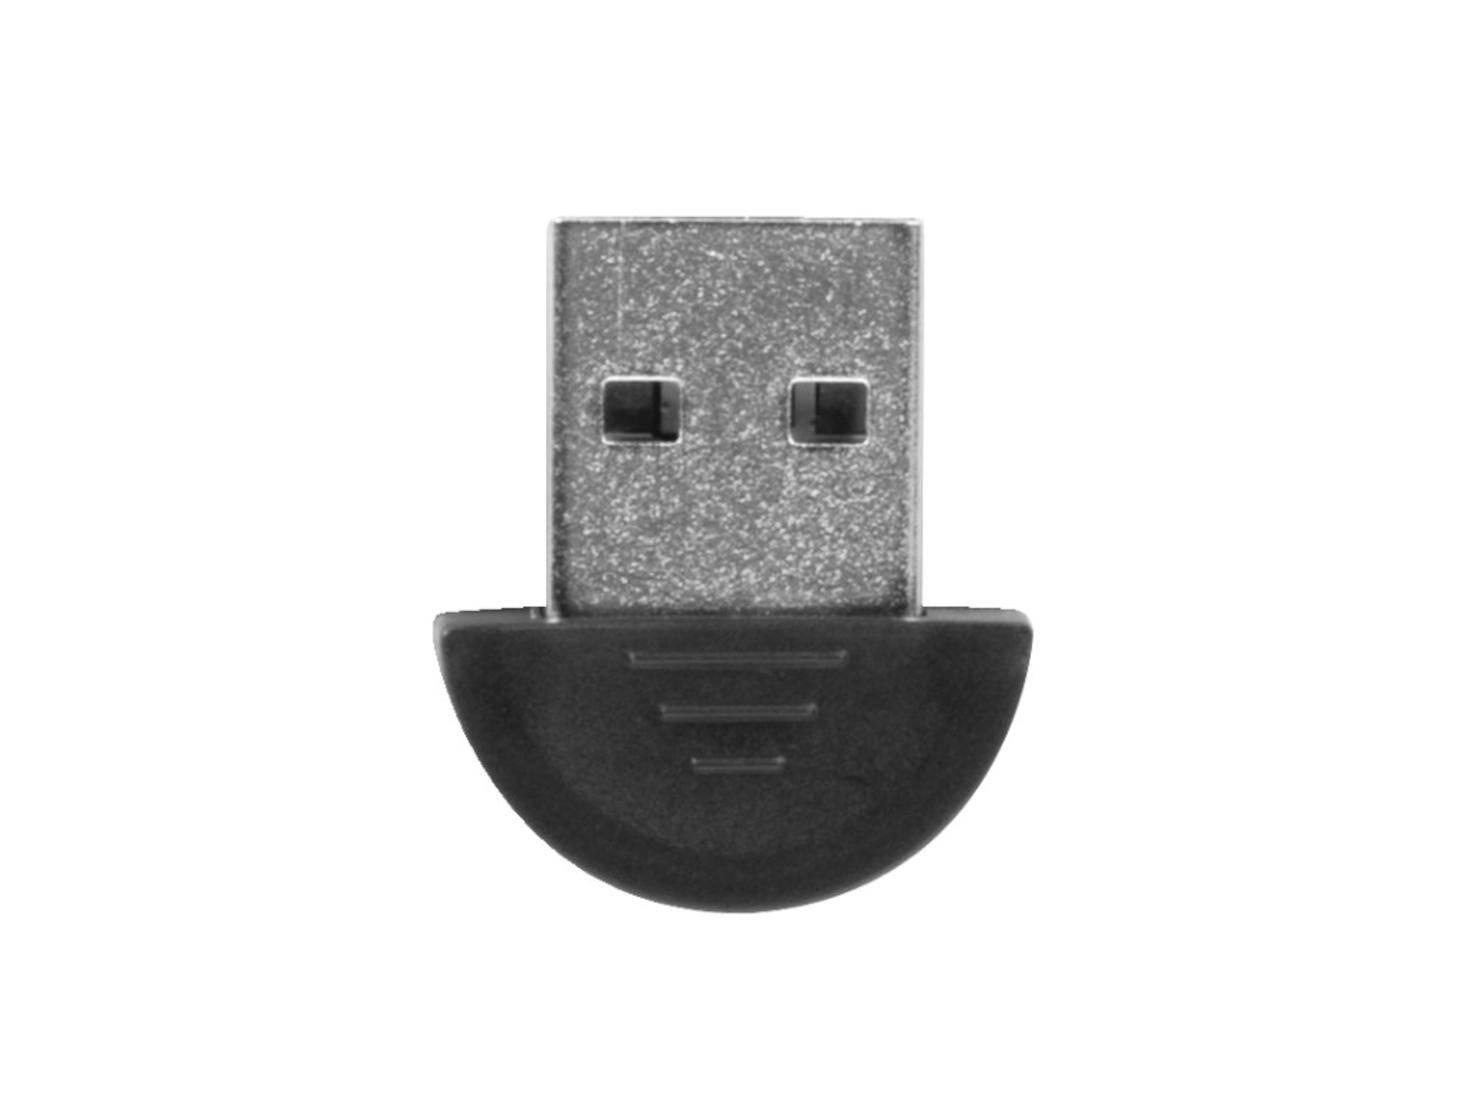 Der Vias Bluetooth Adapter ermöglicht das kabellose Übertragen von Dateien.